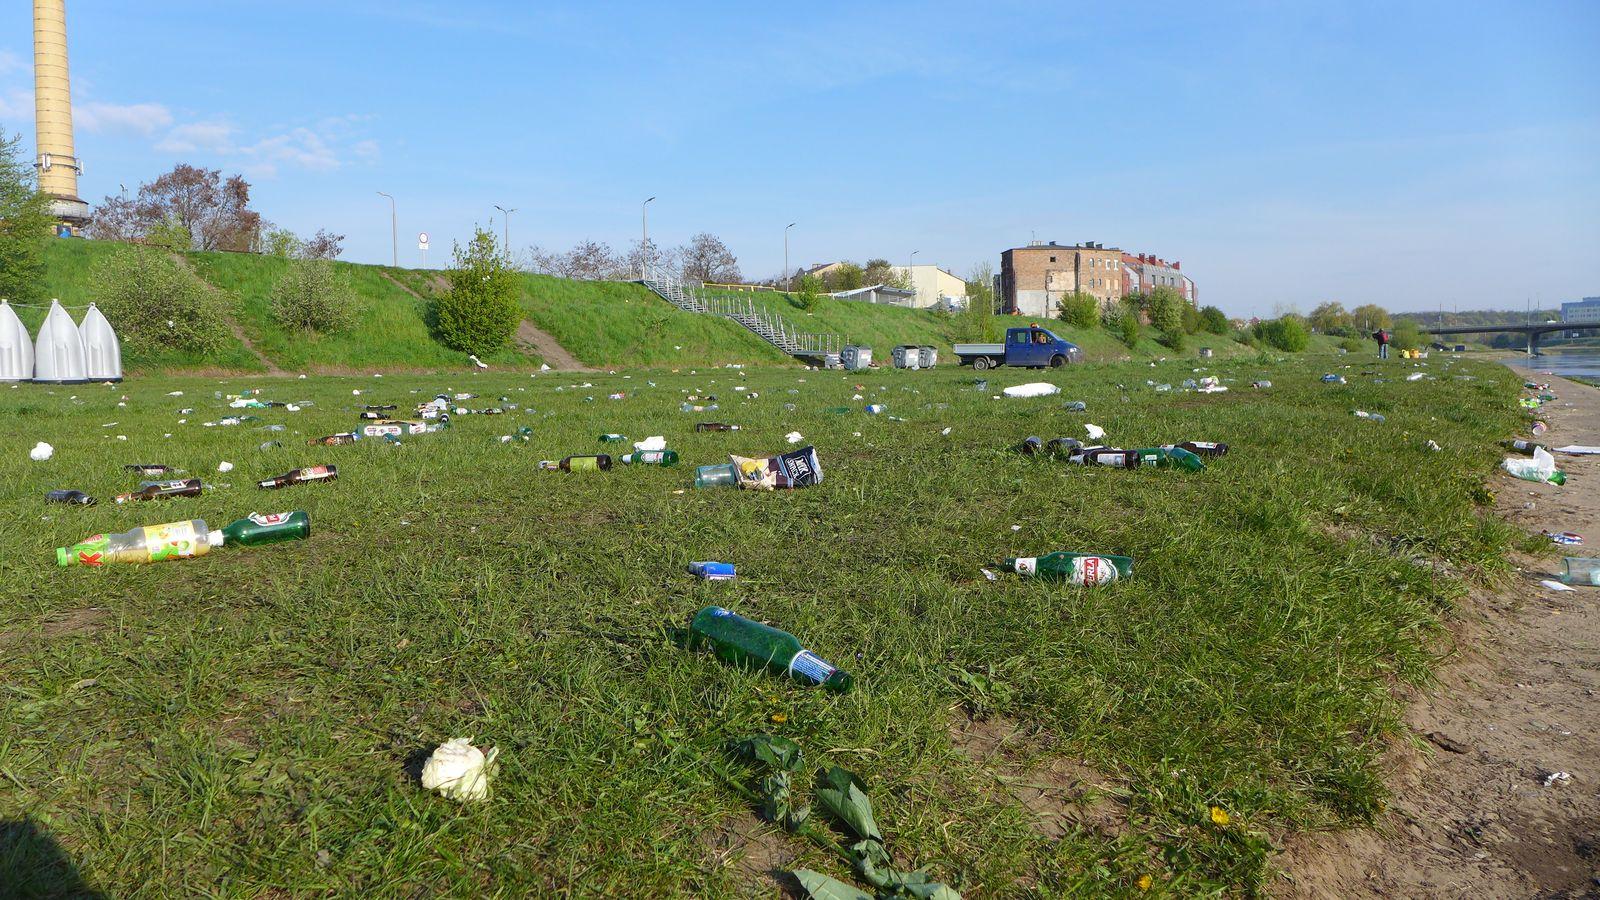 Bałagan nad Wartą - posprzataj po sobie (5)  Foto: UMP